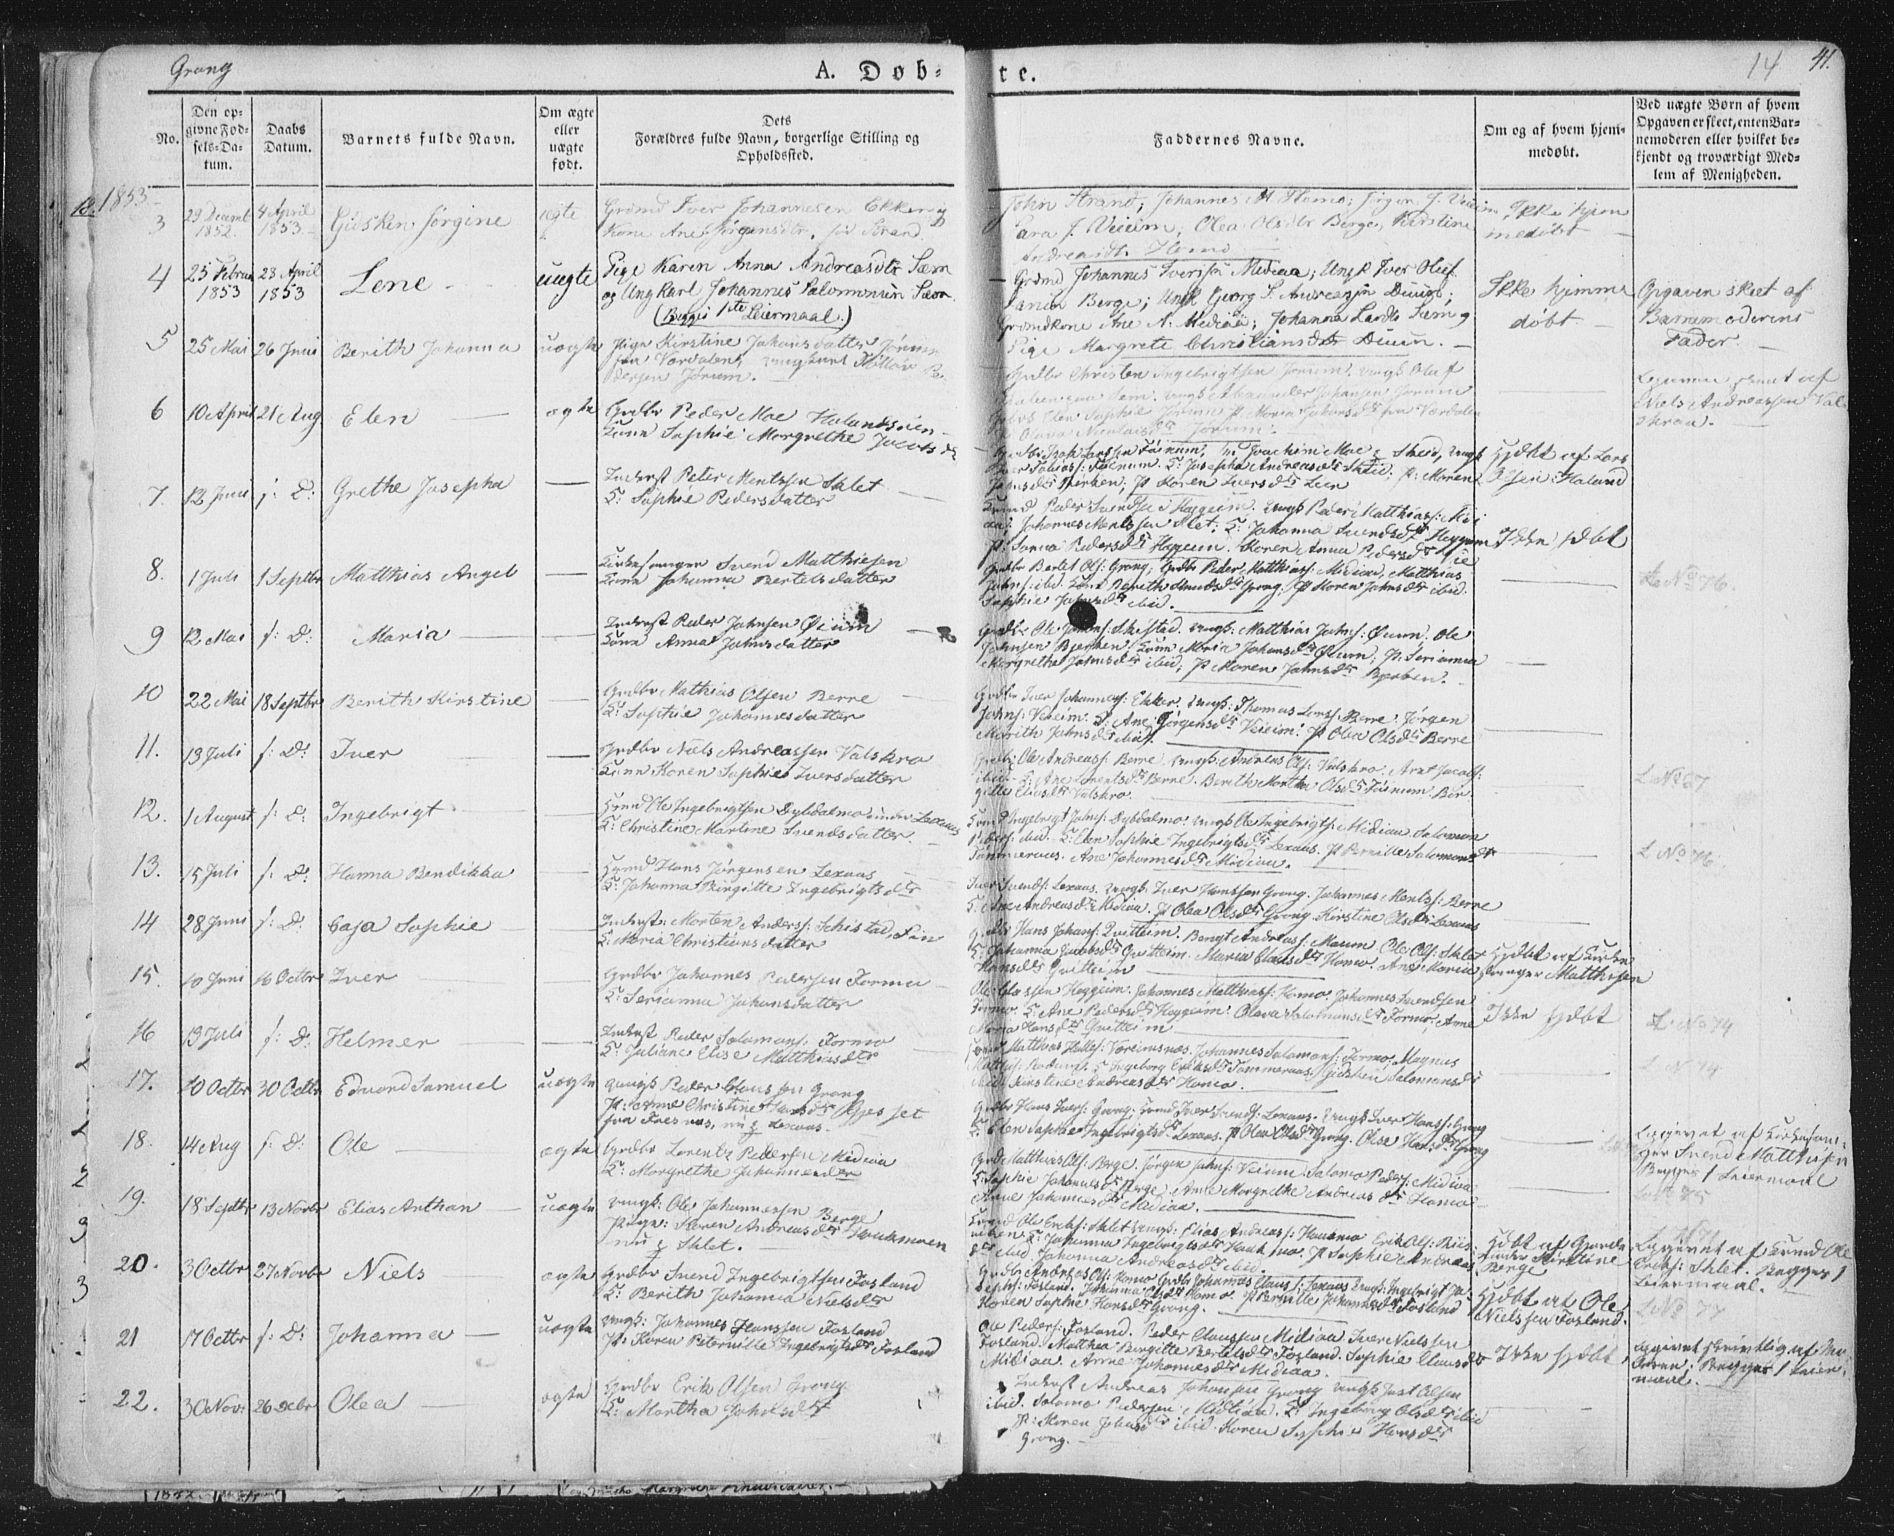 SAT, Ministerialprotokoller, klokkerbøker og fødselsregistre - Nord-Trøndelag, 758/L0513: Ministerialbok nr. 758A02 /1, 1839-1868, s. 14